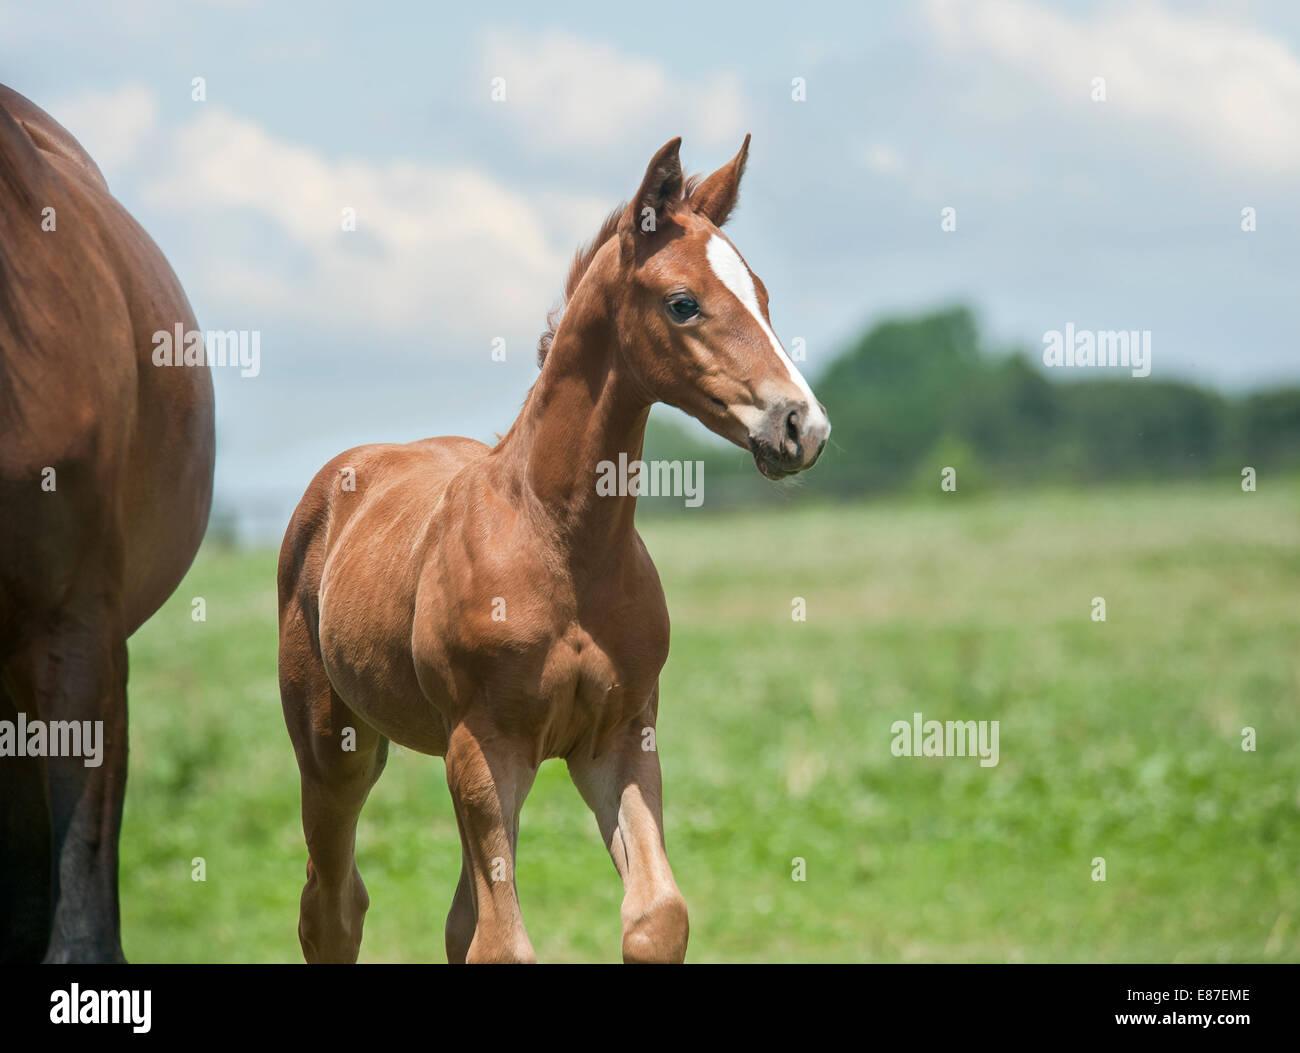 Hanoverian horse foal Stock Photo